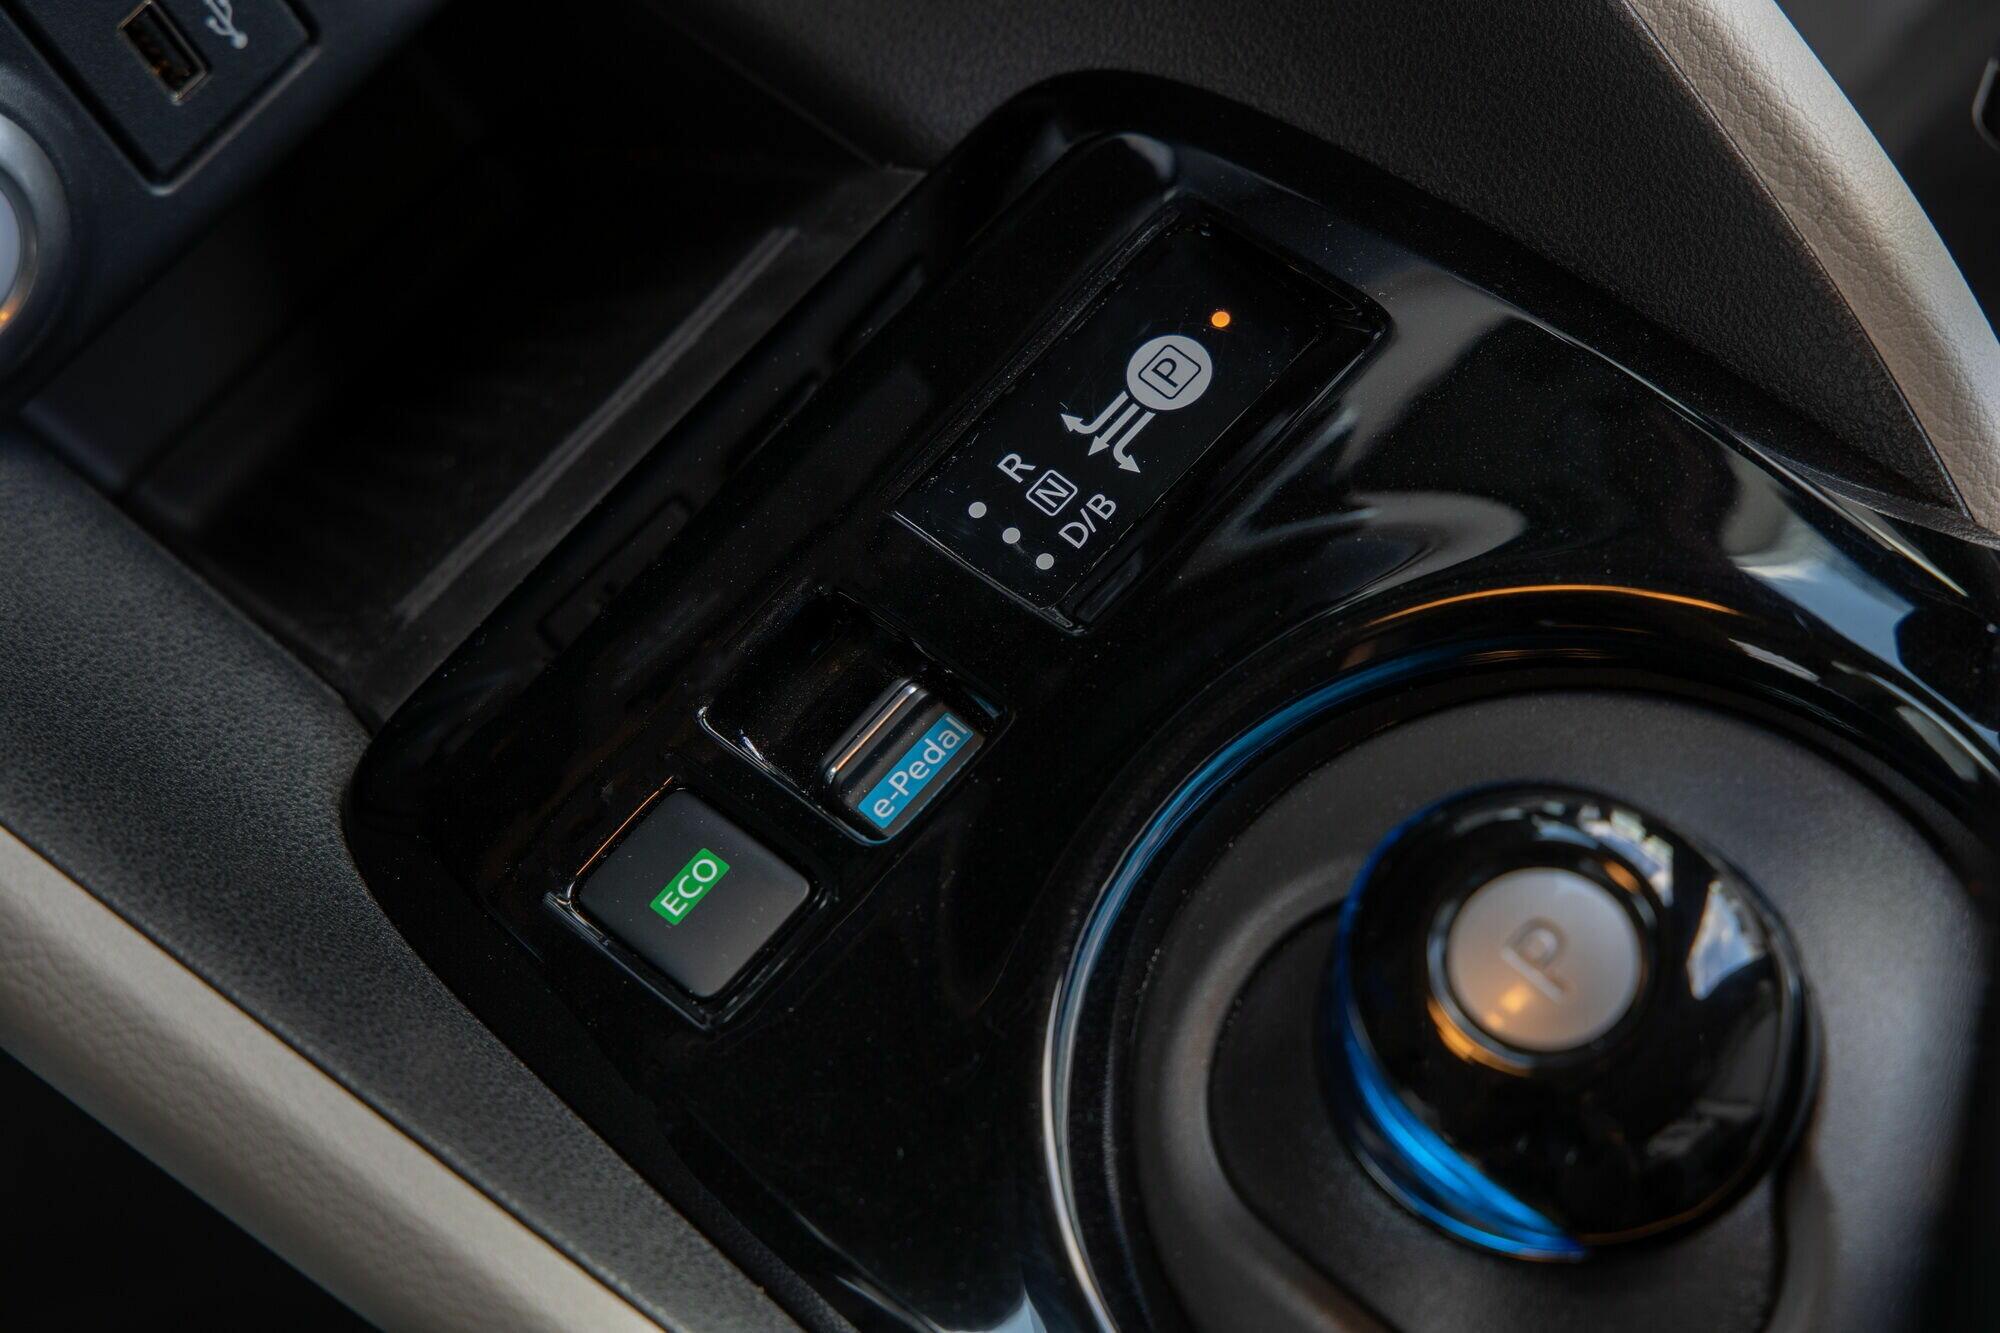 За переключение режимов движения отвечает оригинальный джойстик на трансмиссионном тоннеле, а активировать e-Pedal можно с помощью кнопки